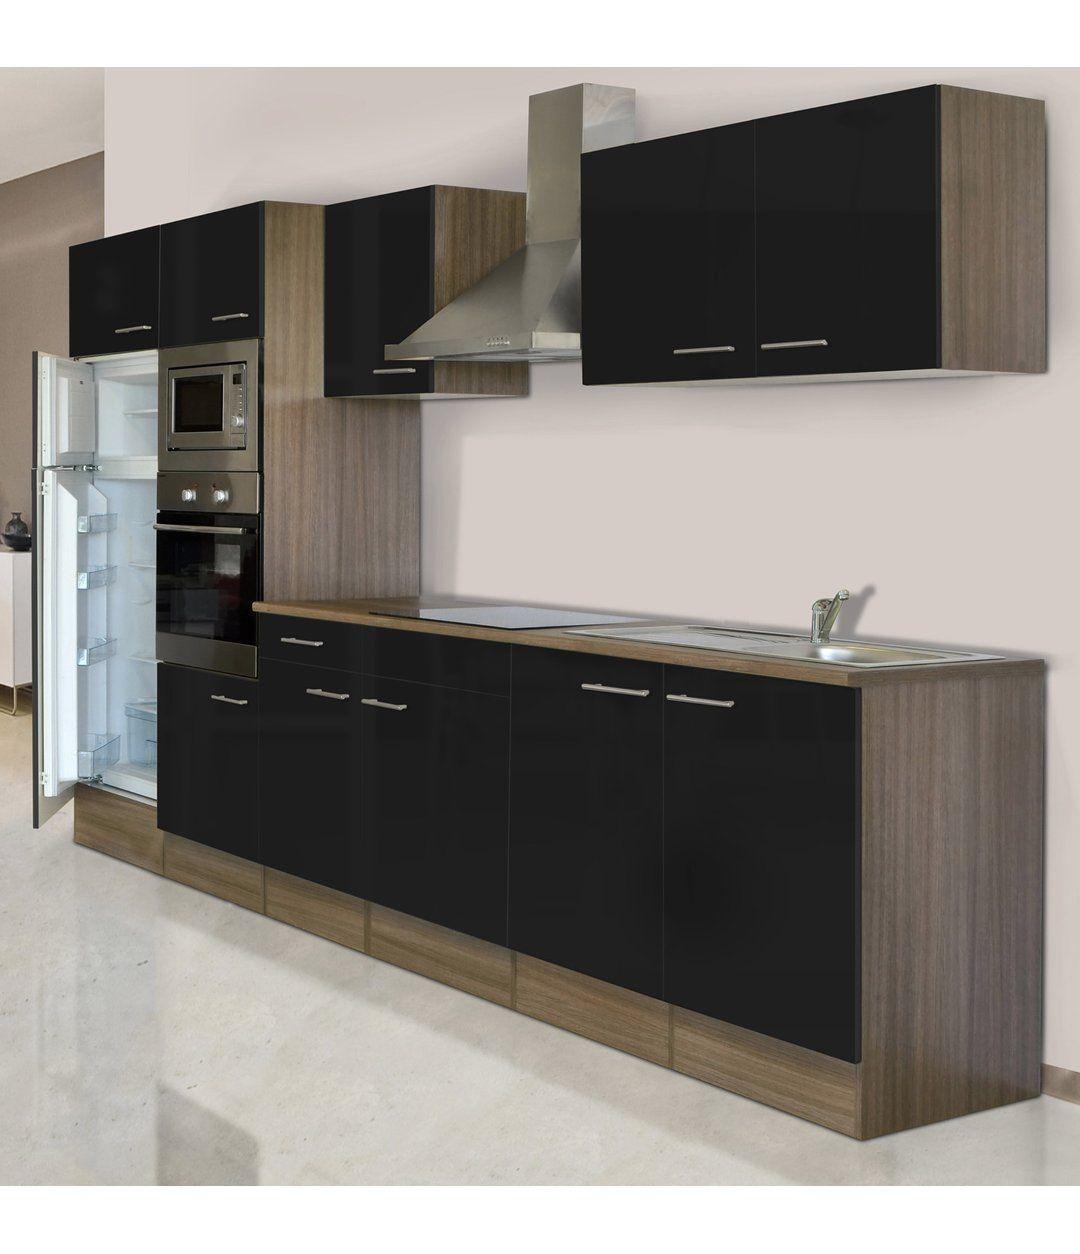 Einfach Einbauküche Mit Geräten Günstig Küchenzeilen